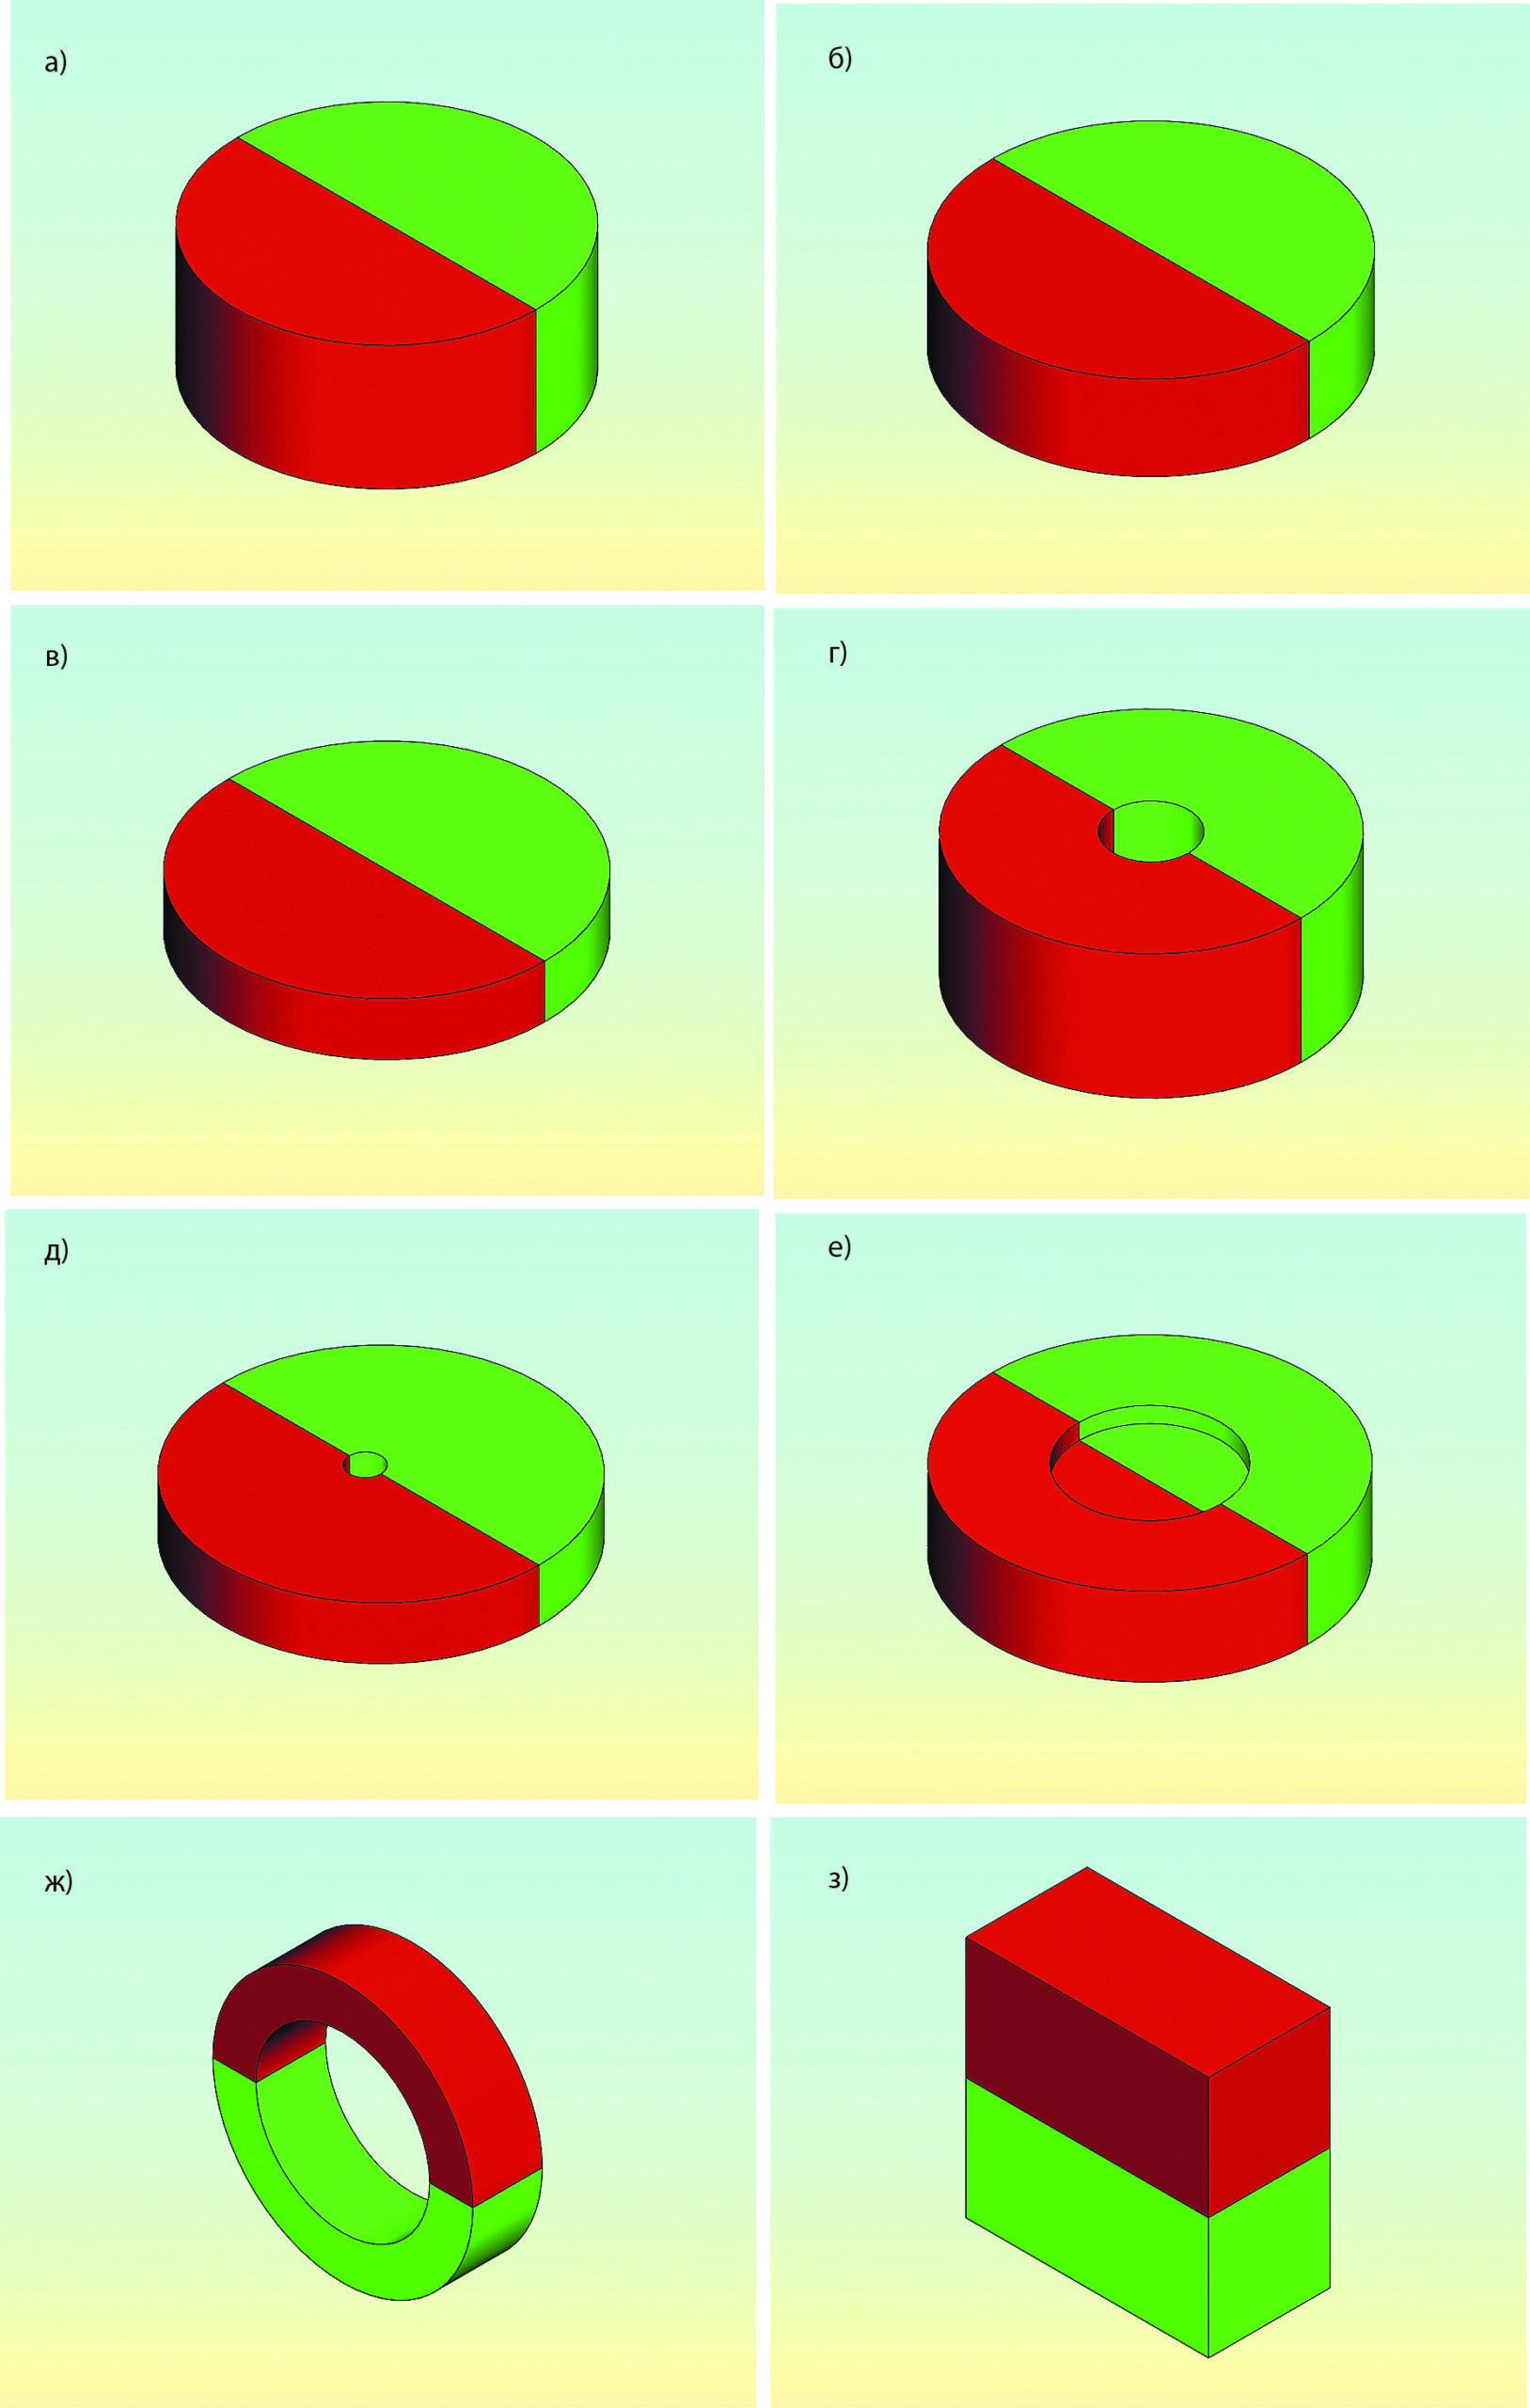 Датчик положения дроссельной заслонки (датчик абсолютного углового положения дипольного диаметрально намагниченного магнита) с магнитами специальной формы